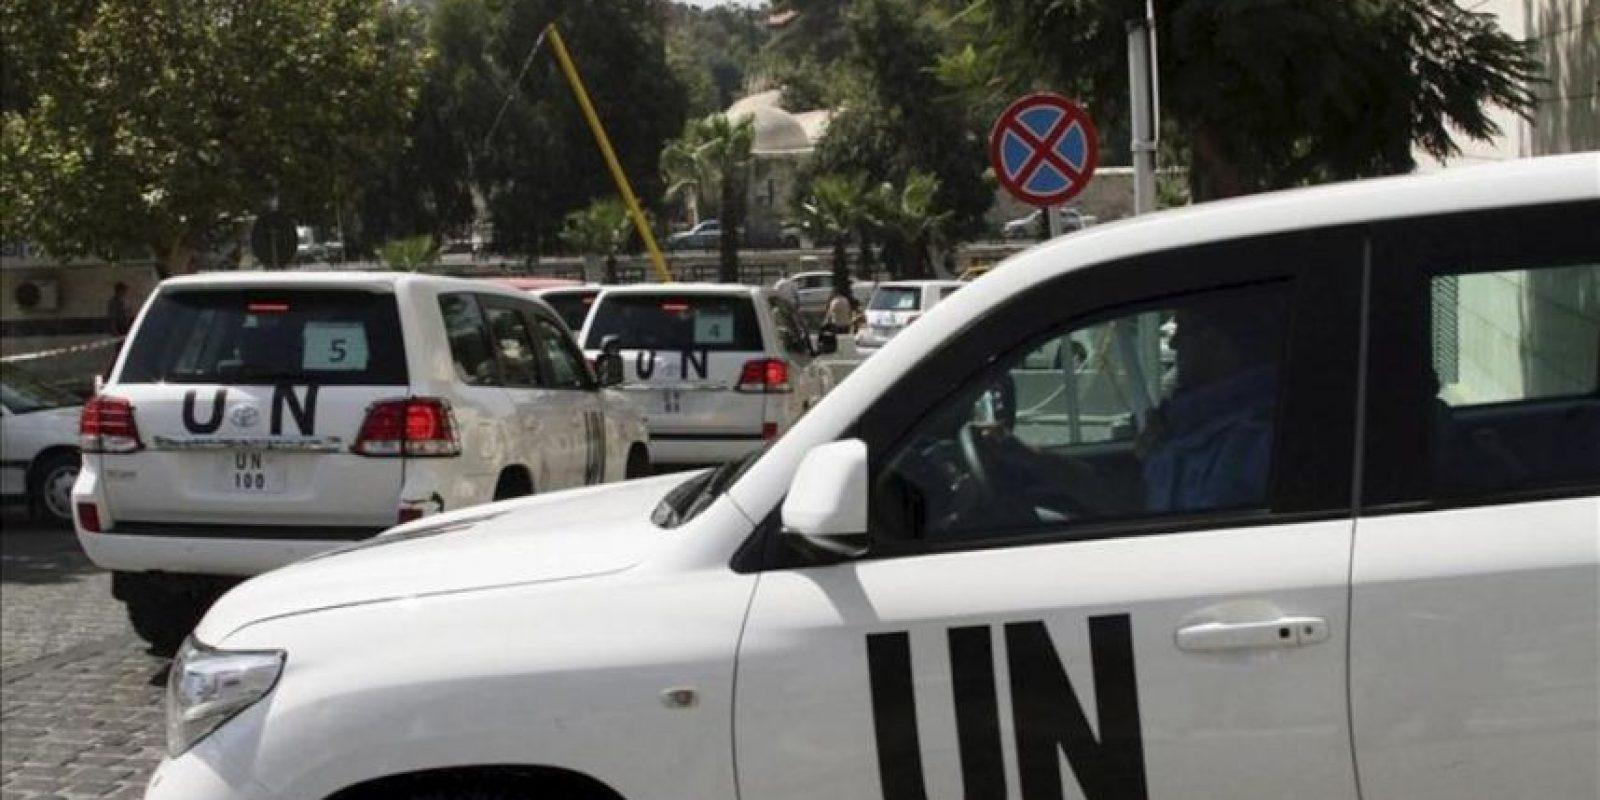 Un convoy con inspectores de la Organización de Naciones Unidas (ONU) abandona el hotel Four Seasons de Damasco (Siria). La misión de la ONU tiene previsto visitar hoy la zona de las afueras de Damasco donde la oposición siria denunció el miércoles pasado la muerte de más de mil personas por un supuesto ataque químico del régimen. EFE